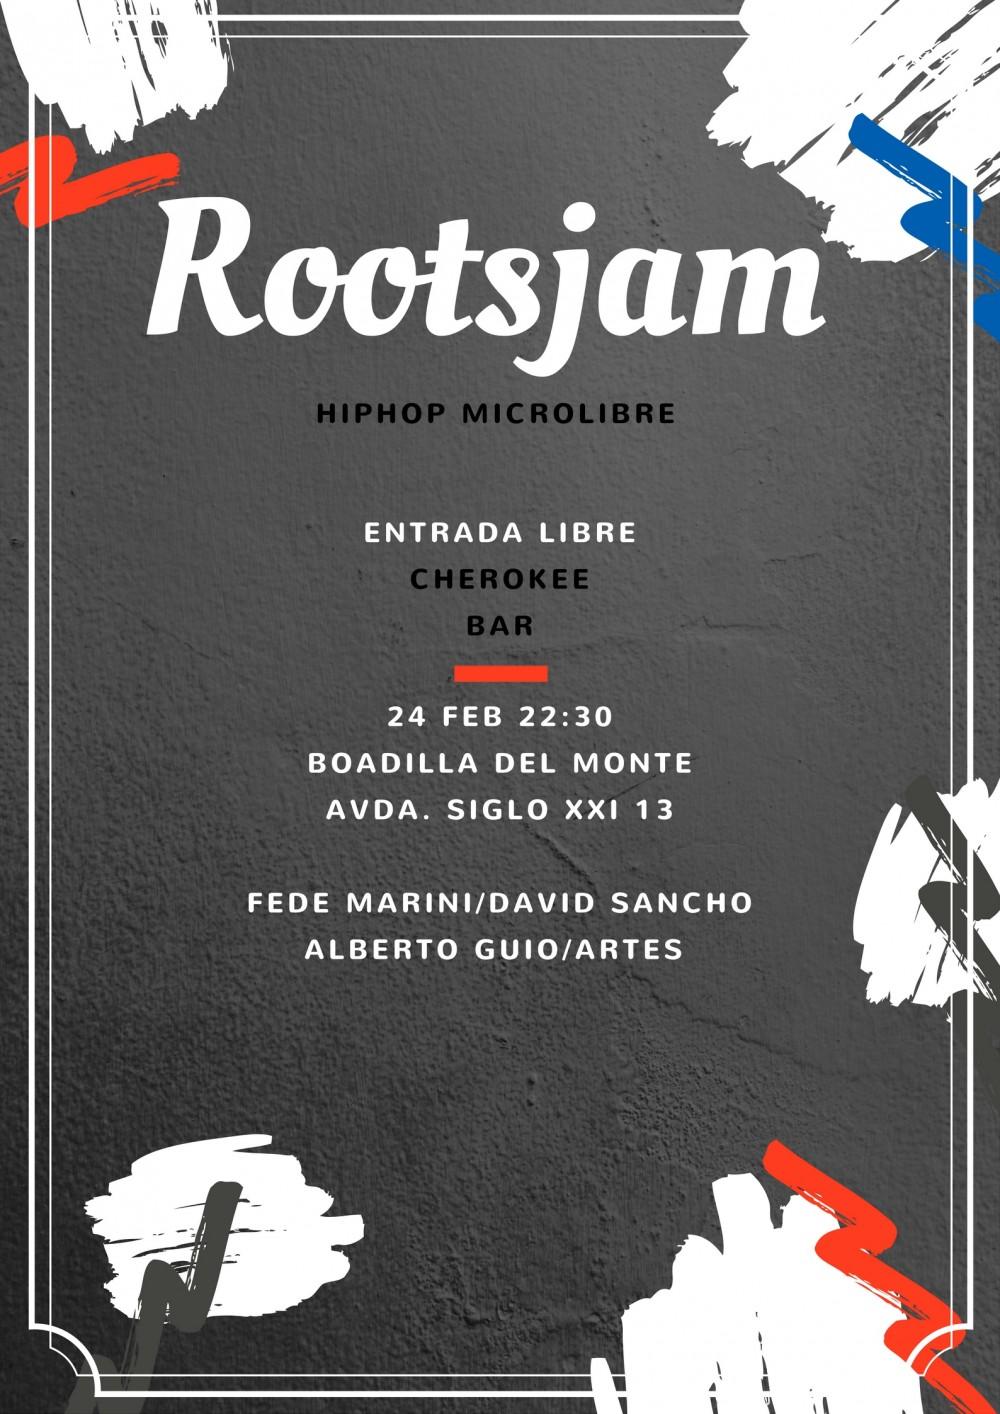 Rootsjam en boadilla en boadilla del monte concierto hip hop groups - Trabajo en boadilla del monte ...